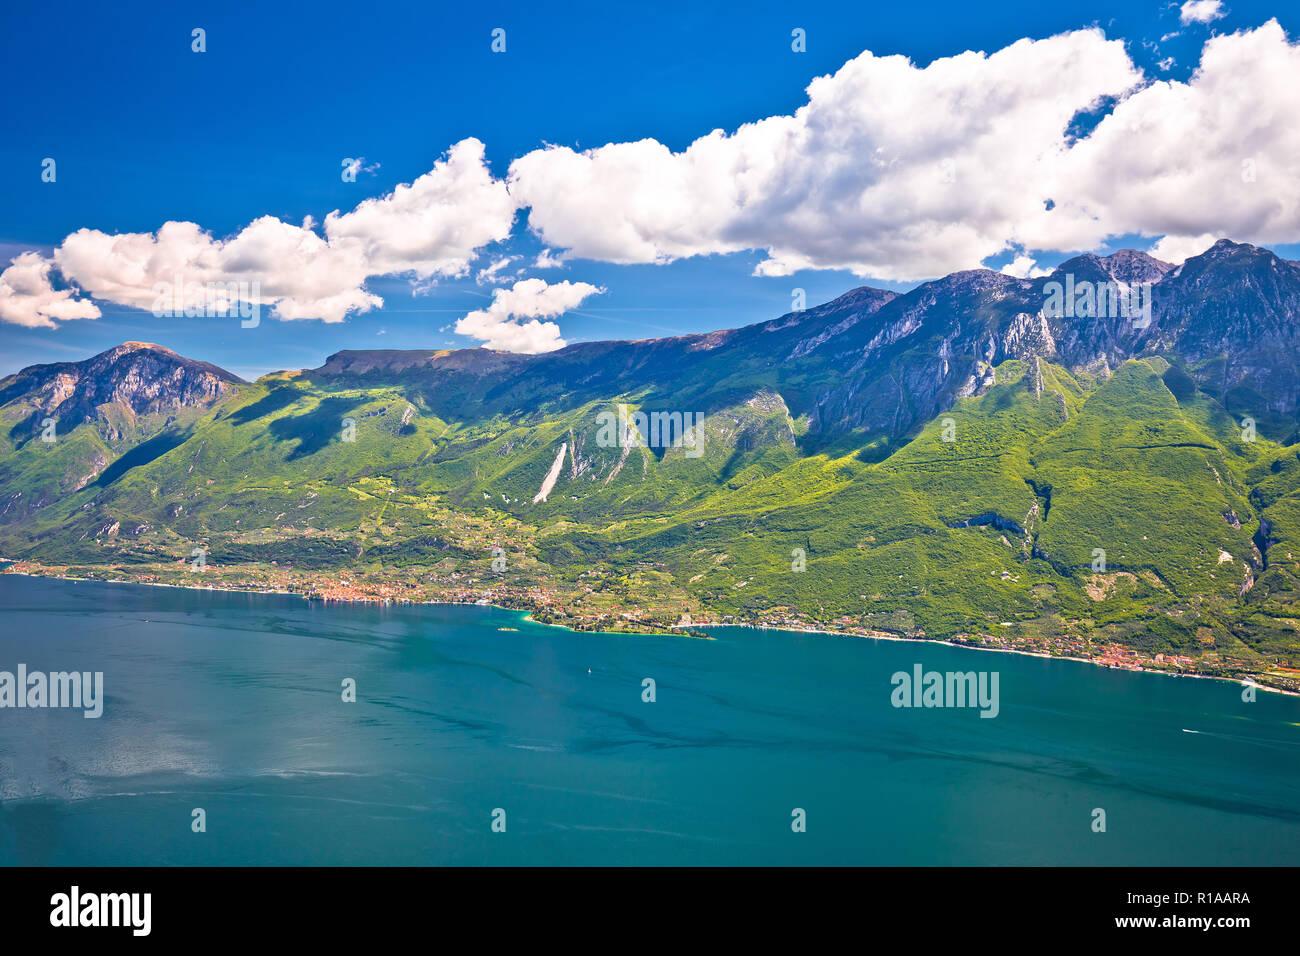 begehrteste Mode konkurrenzfähiger Preis Verkaufsförderung Il Lago di Garda e alte scogliere di montagna sopra vista ...